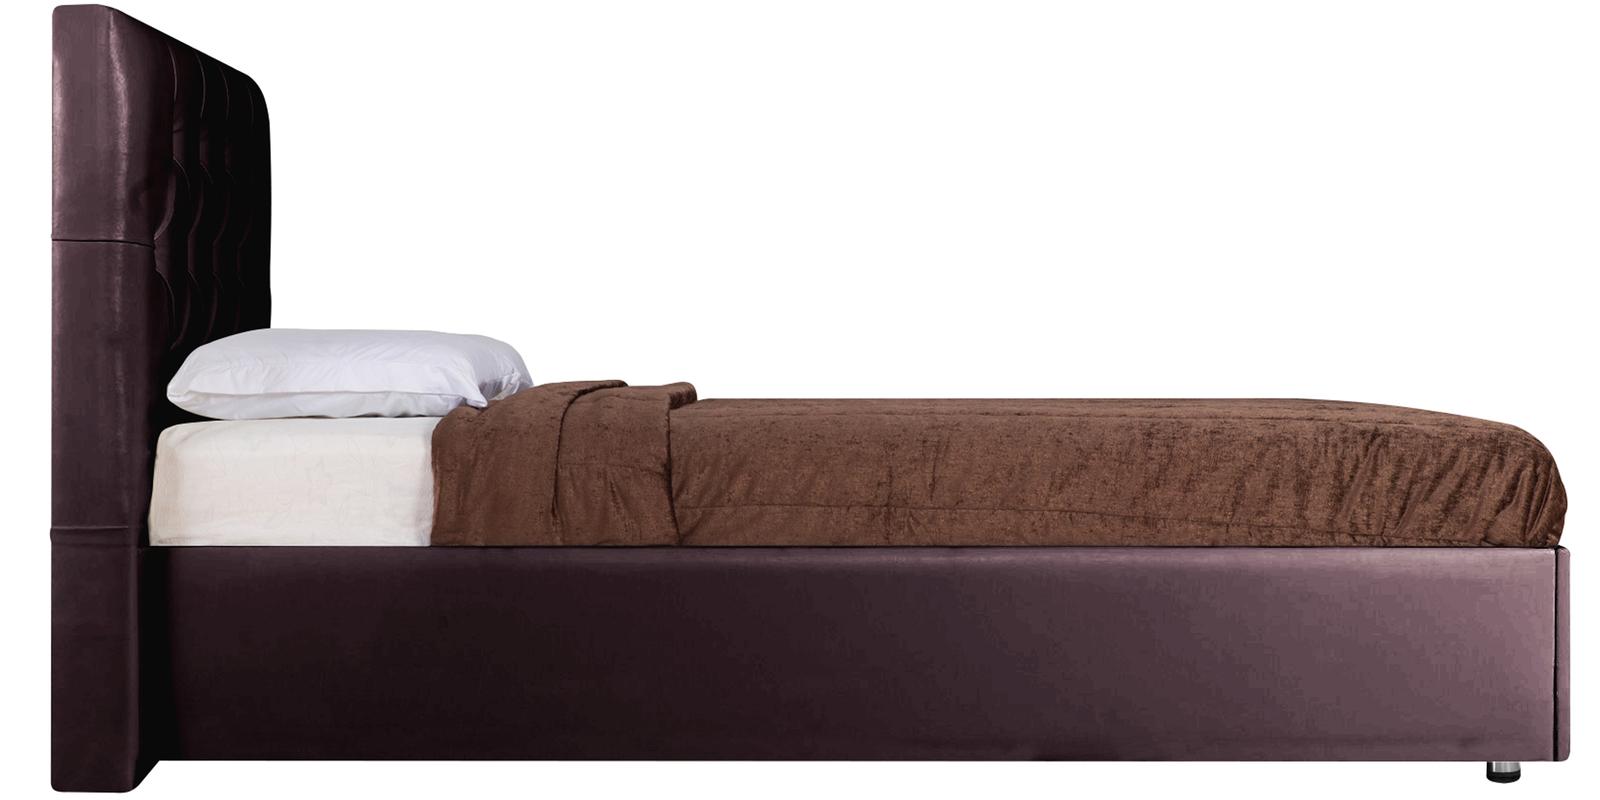 Мягкая кровать 200х160 Малибу вариант №2 с ортопедическим основанием (Шоколад)